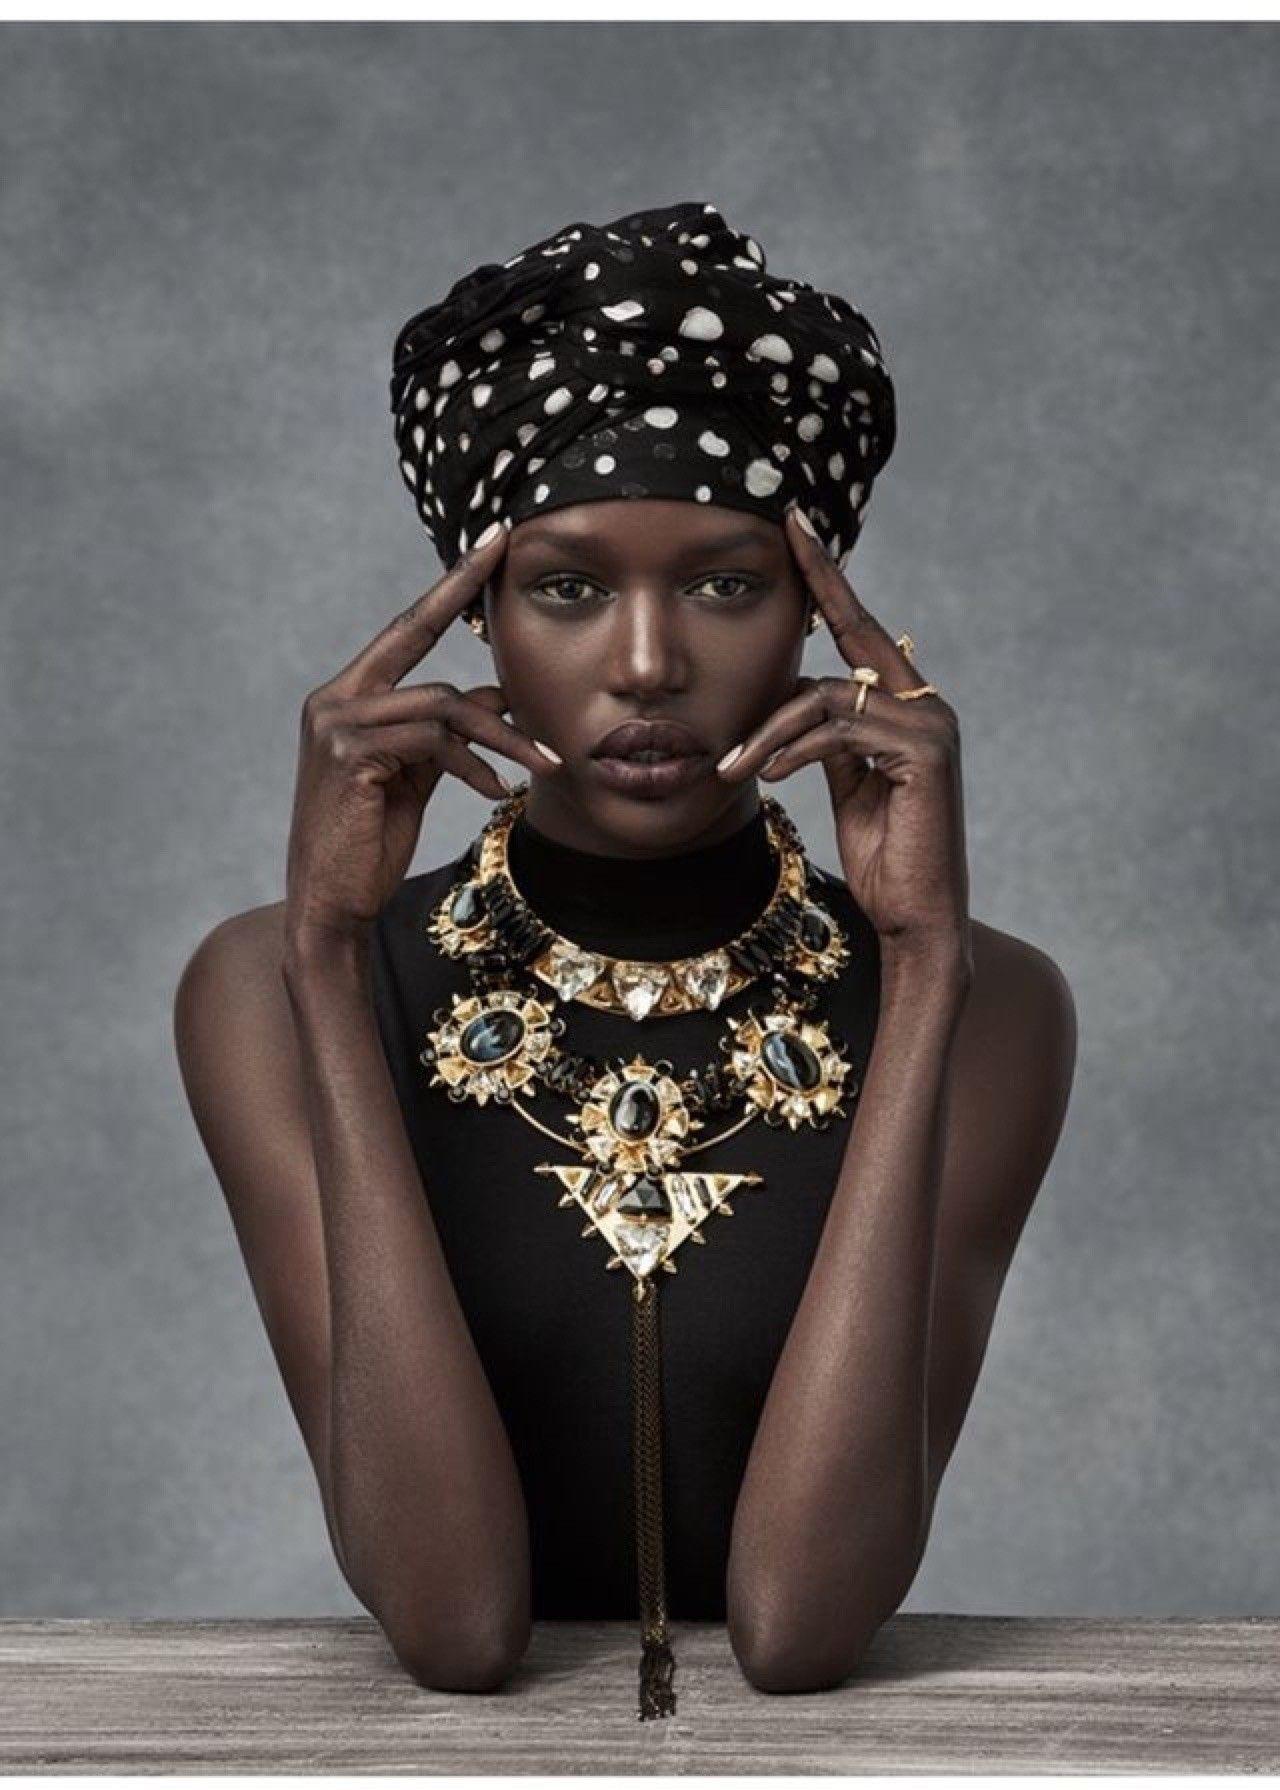 Do you find dark skin women attractive? - Quora